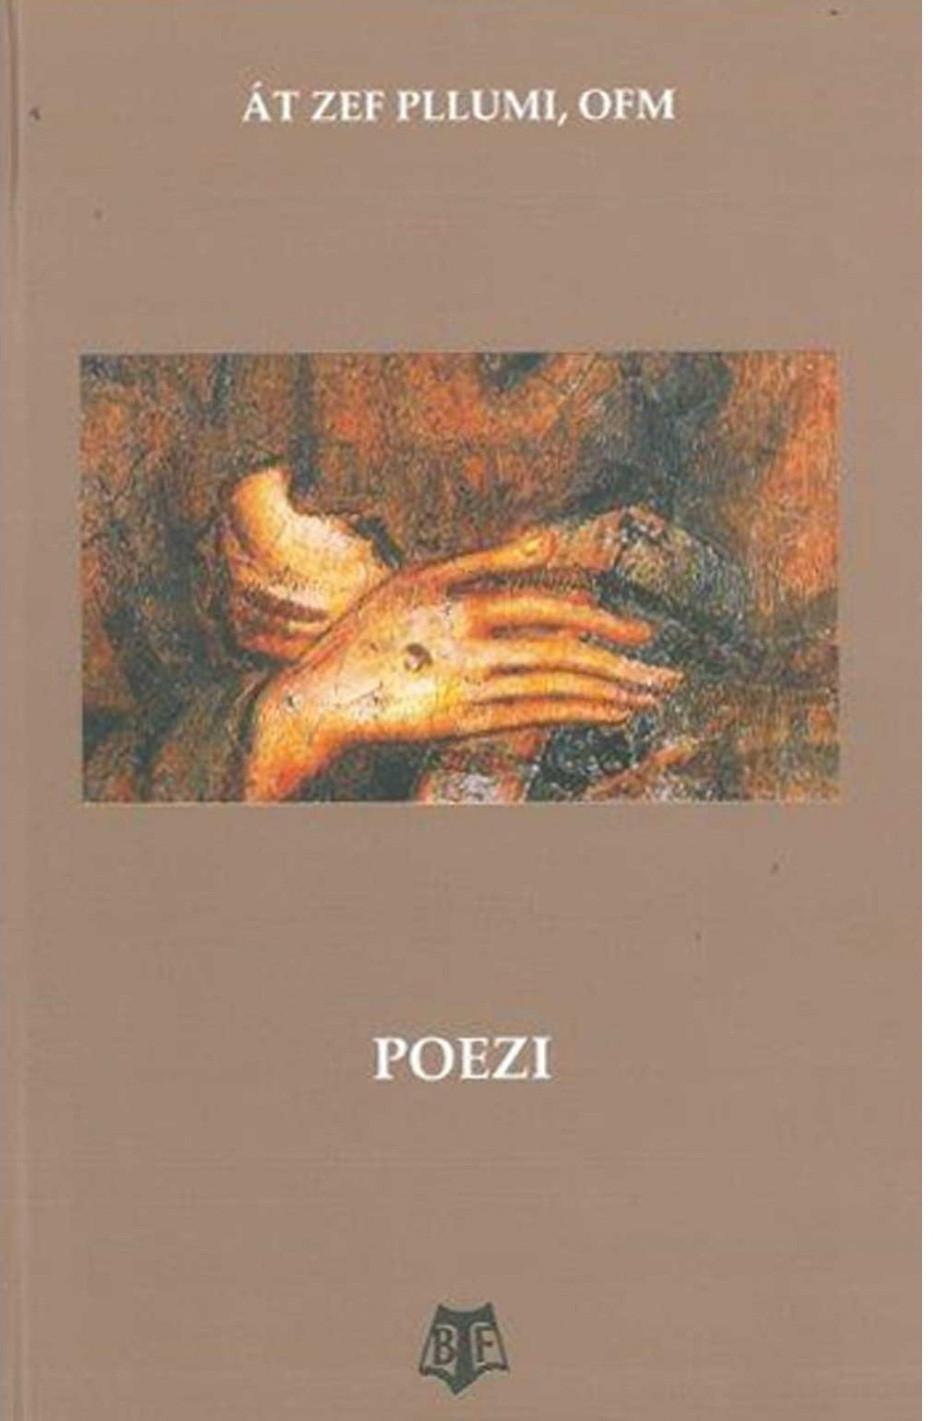 Poezi – Zef Pllumi